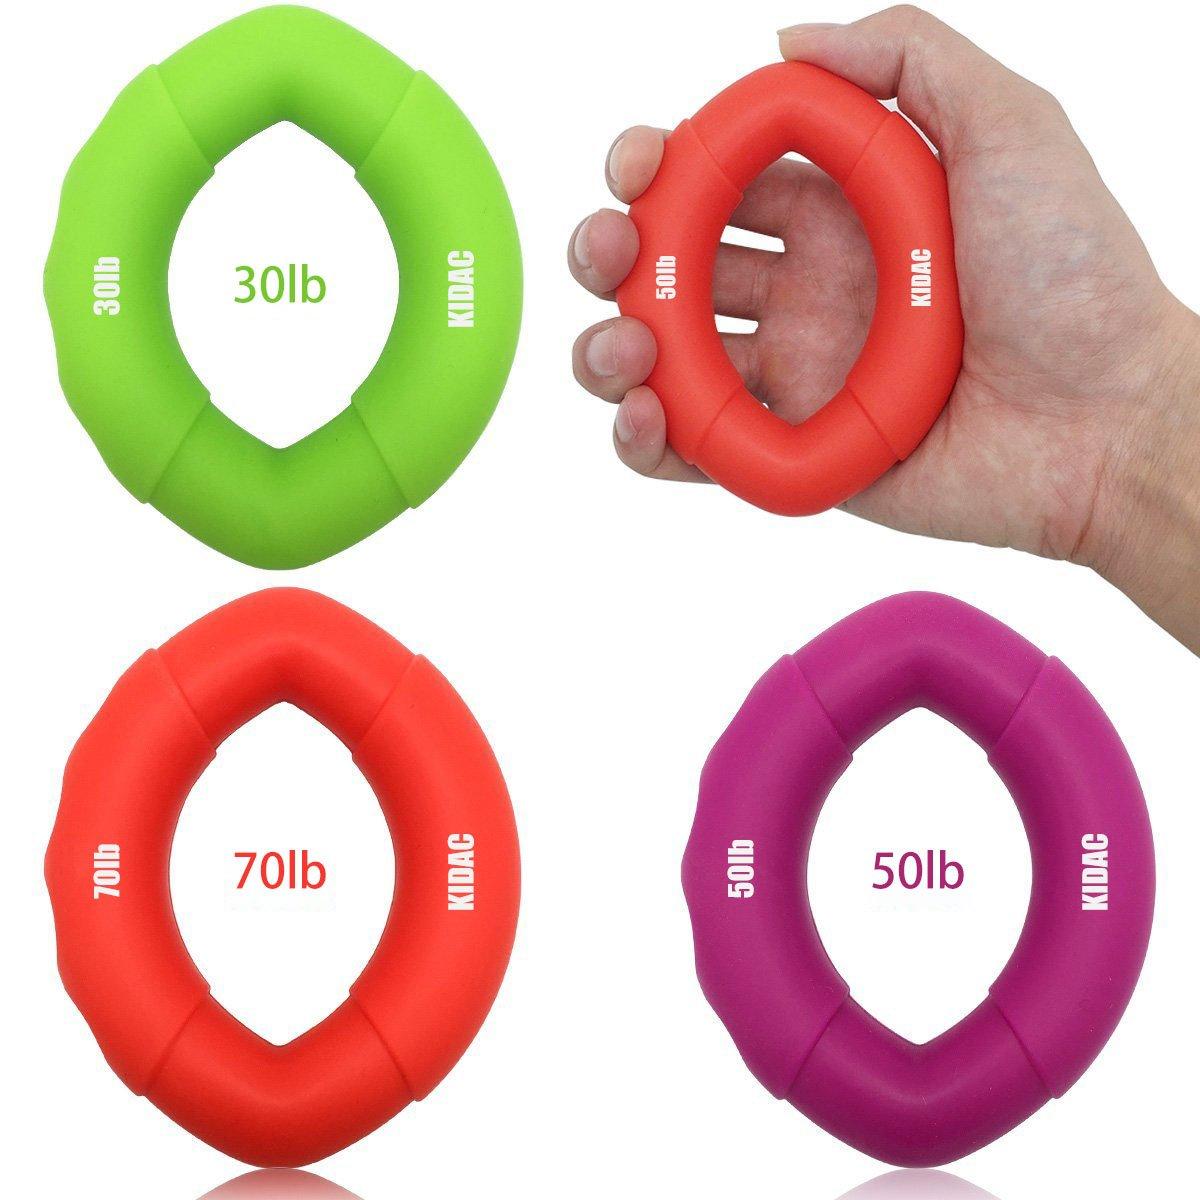 KIDAC Anneau d'exercice en Silicone Exerciseur de Poignée Hand Grip Exerciser Poignée de Main pour le Renforcement de la Main (un ensemble de 3 30lb 50lb 70lb) A-GRIP0001